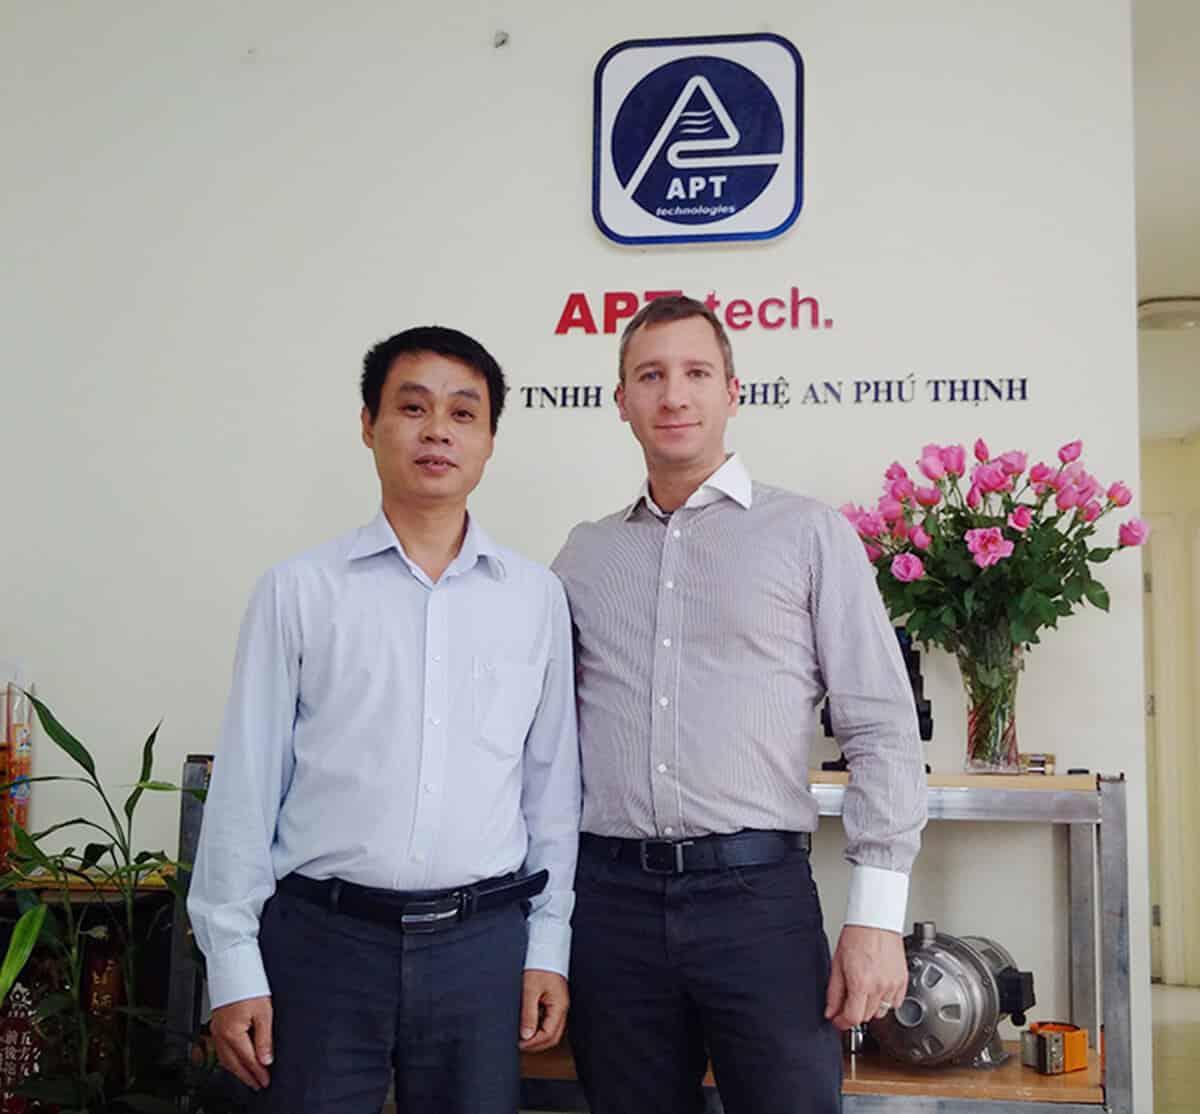 Đại diện hãng Aquafill chụp ảnh lưu niệm với APT Tech